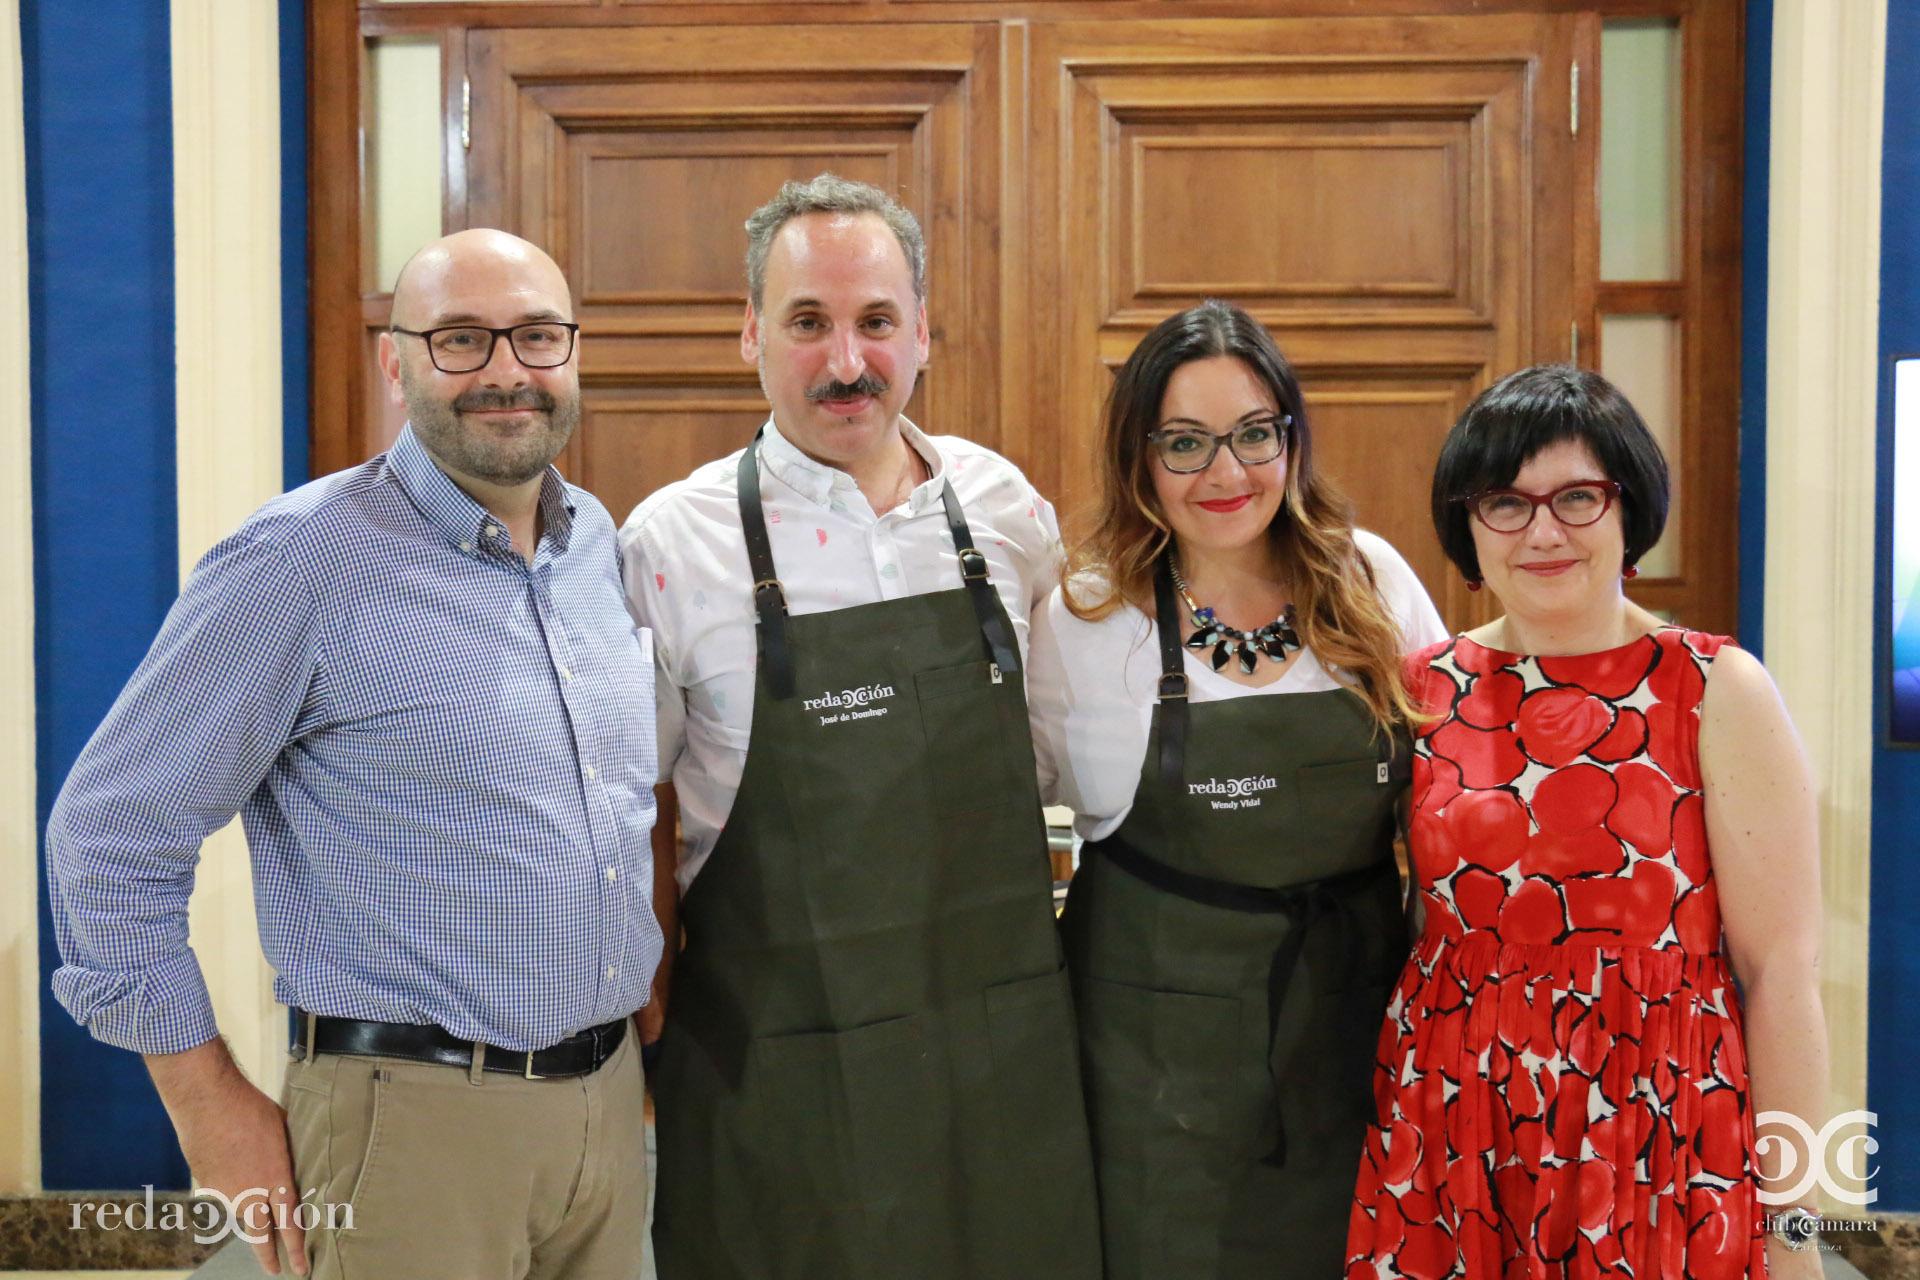 Ramón Añaños, José de Domingo, Wendy Vidal y Ana Hernández.